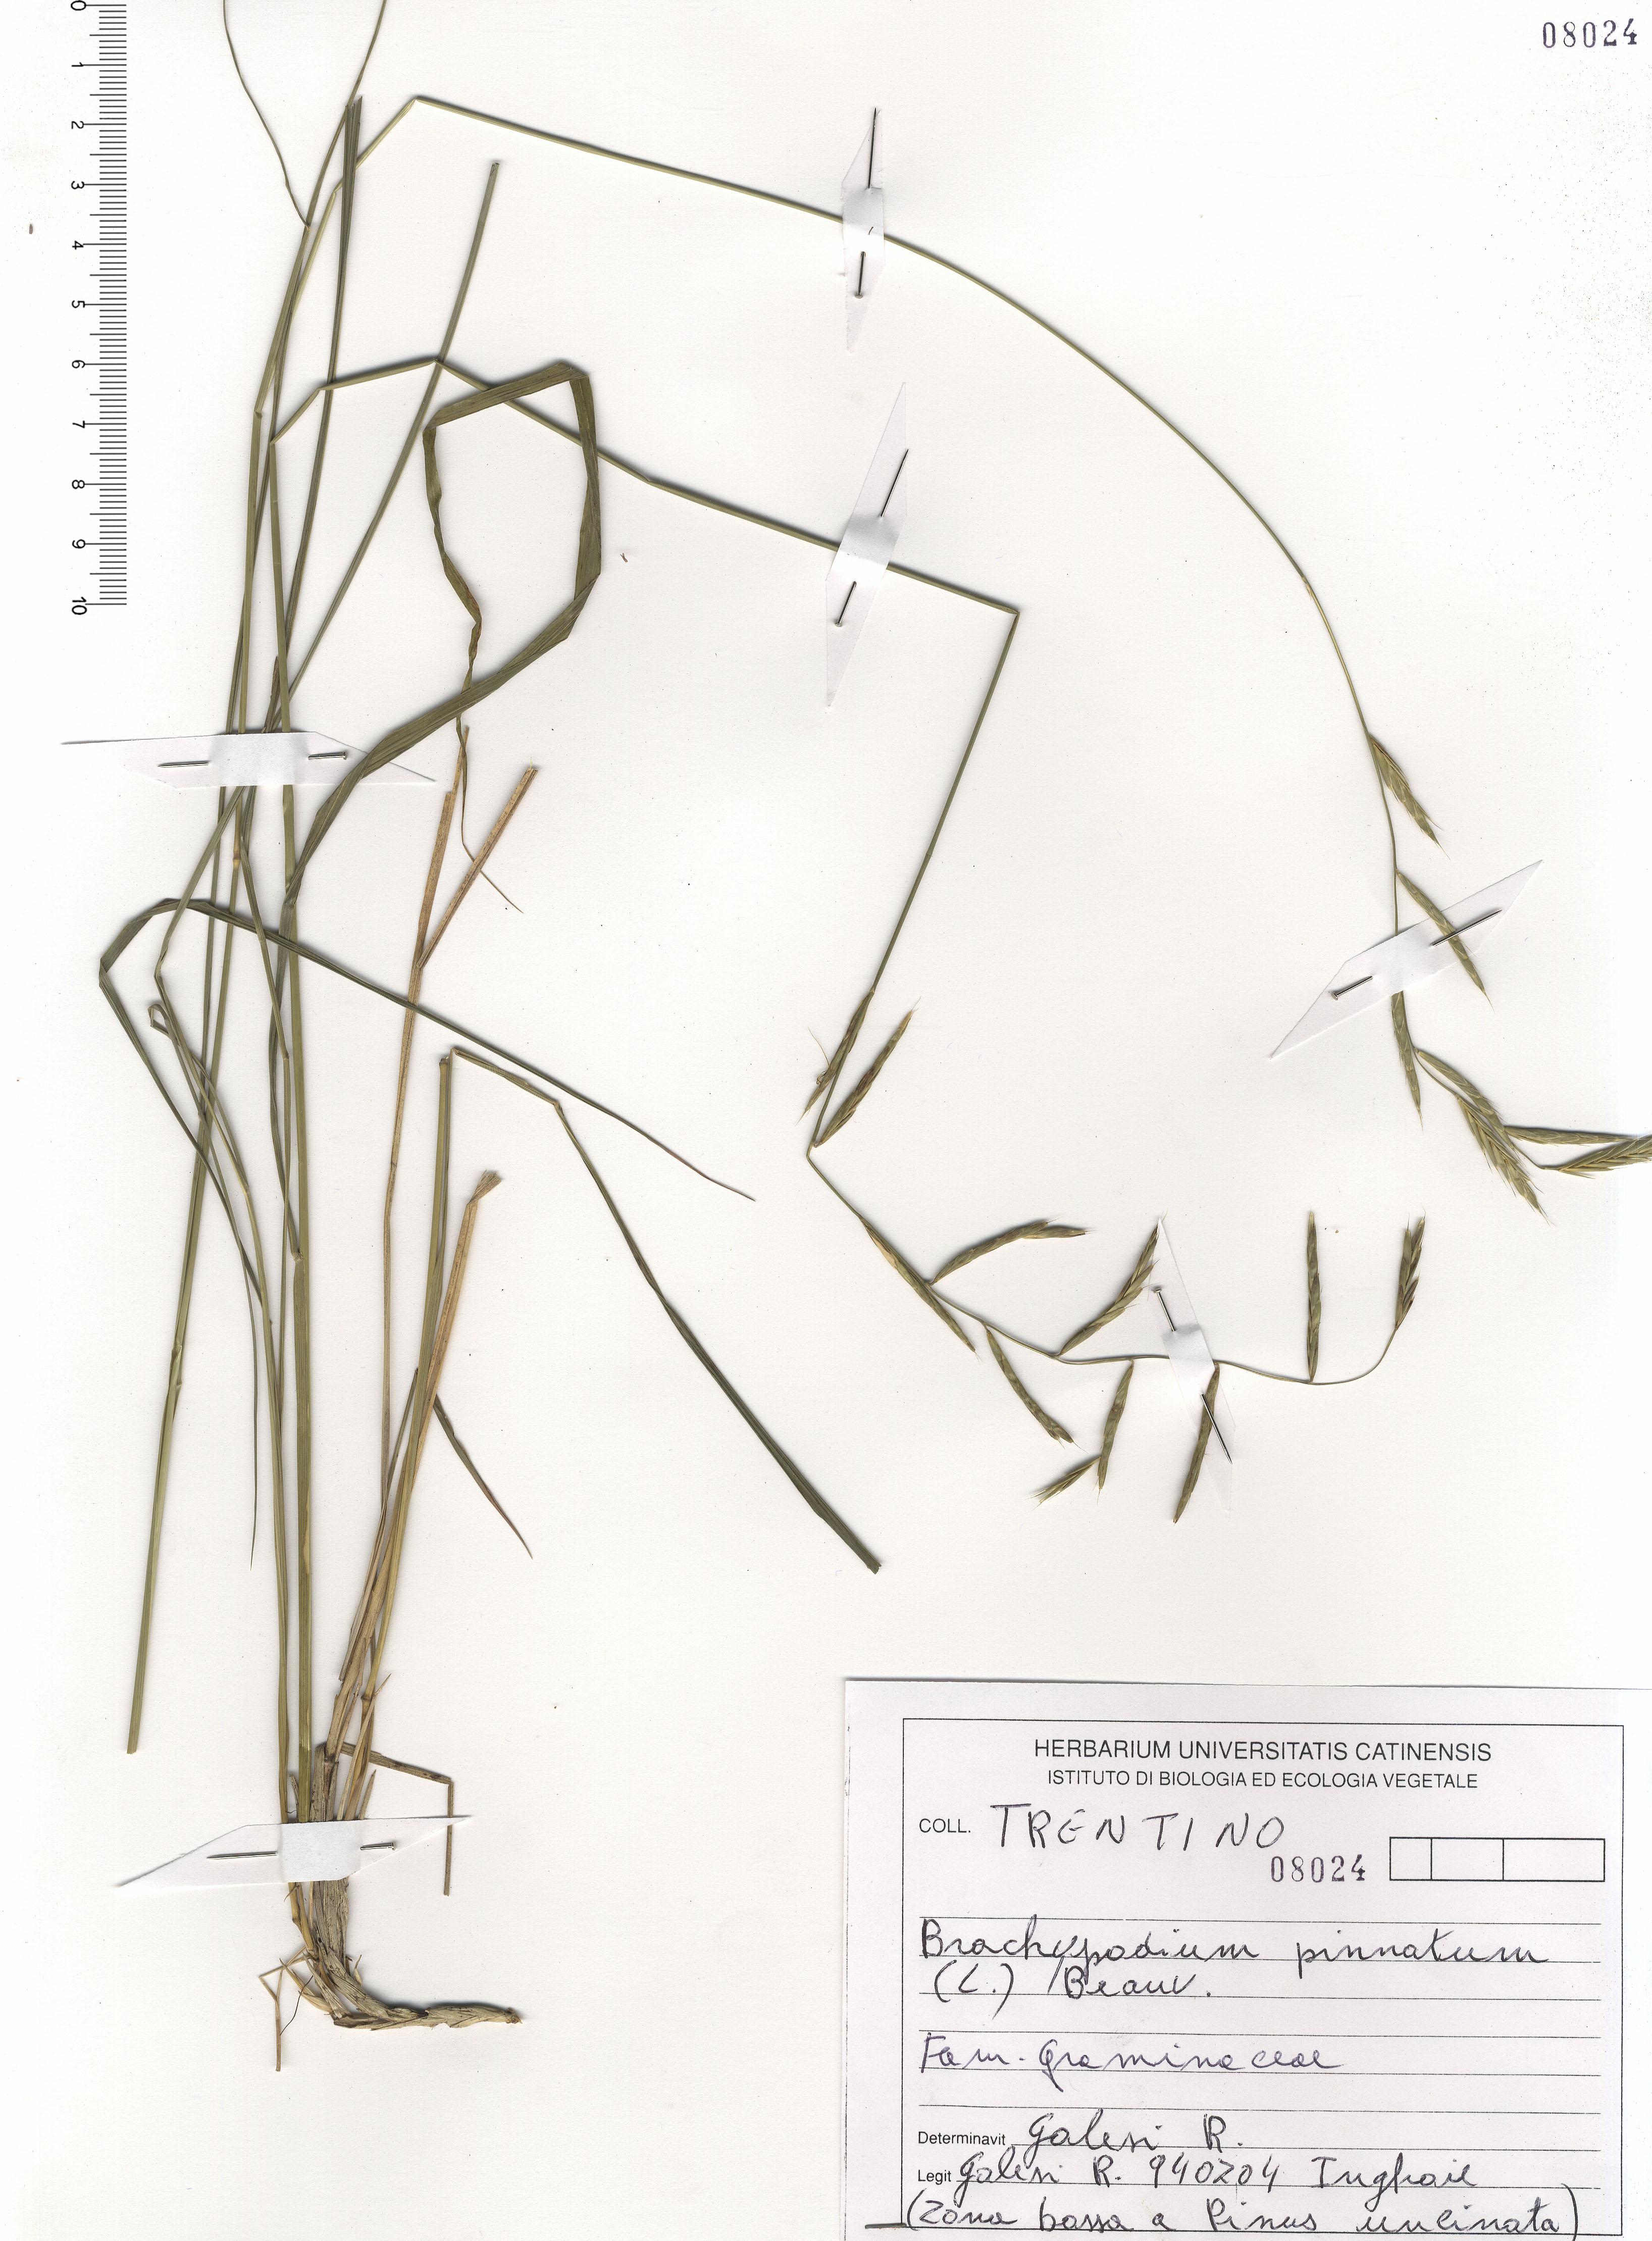 © Hortus Botanicus Catinensis - Herb. sheet 108024<br>